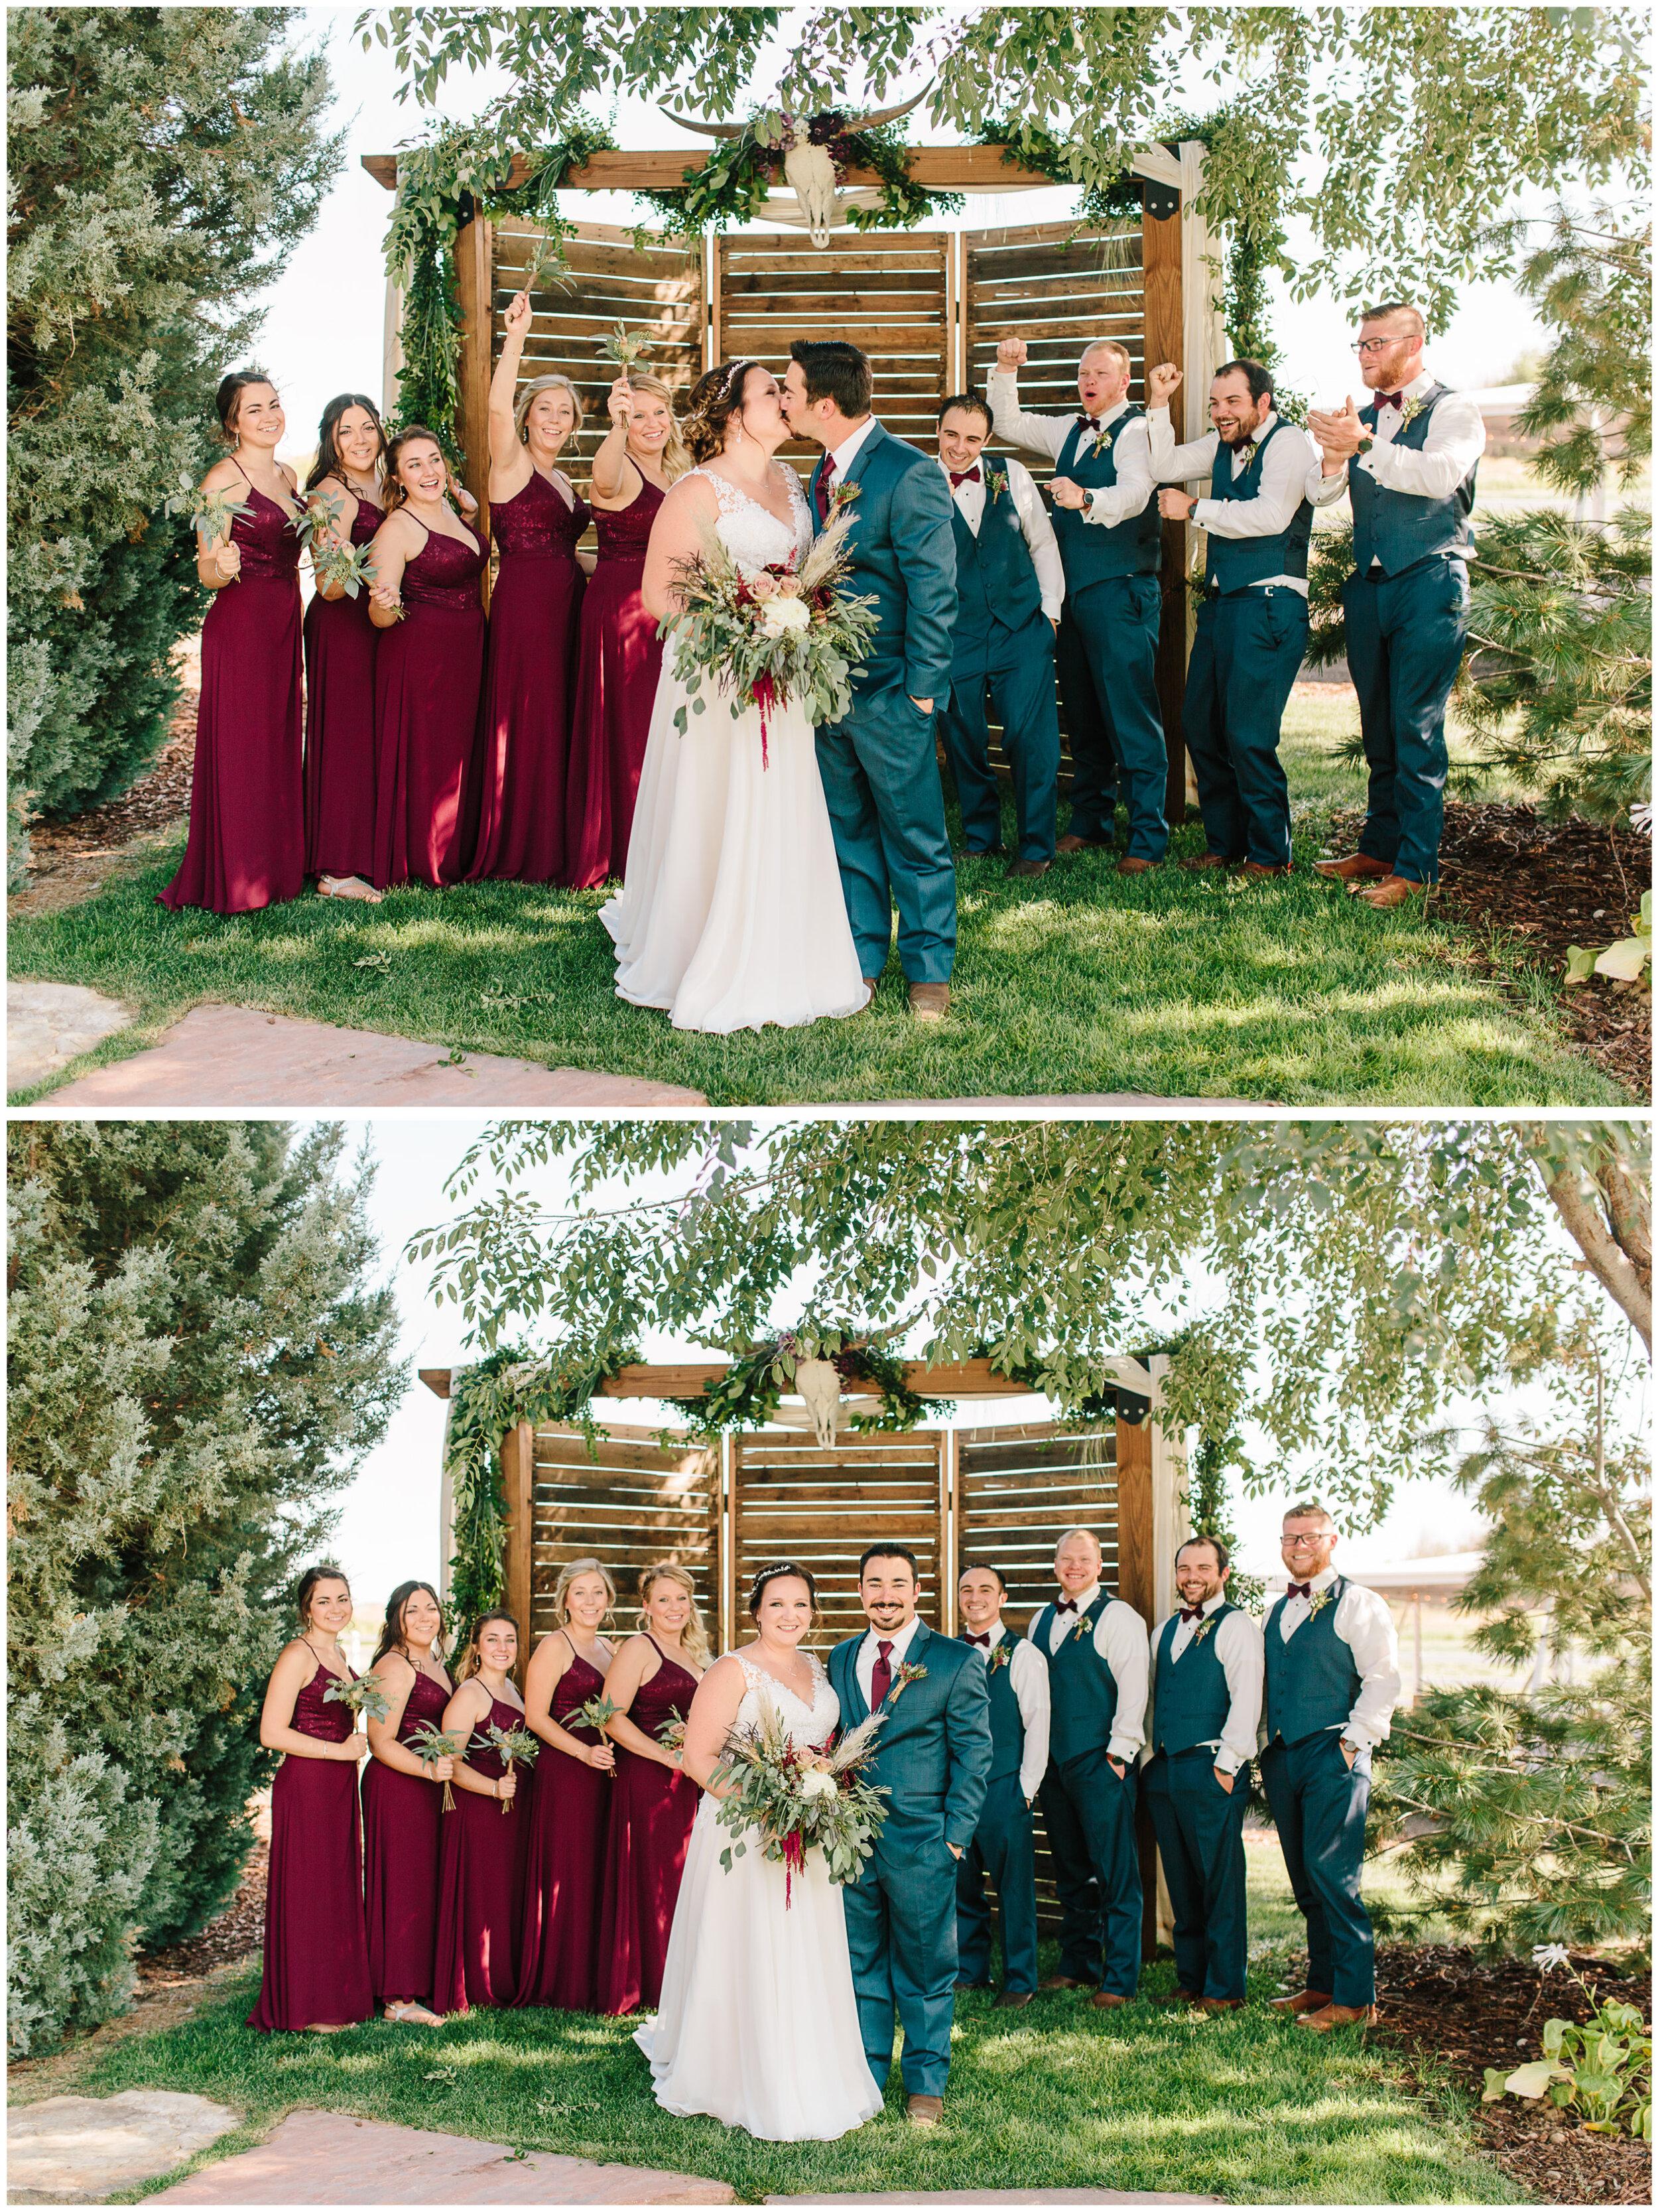 brighton_colorado_wedding_46.jpg